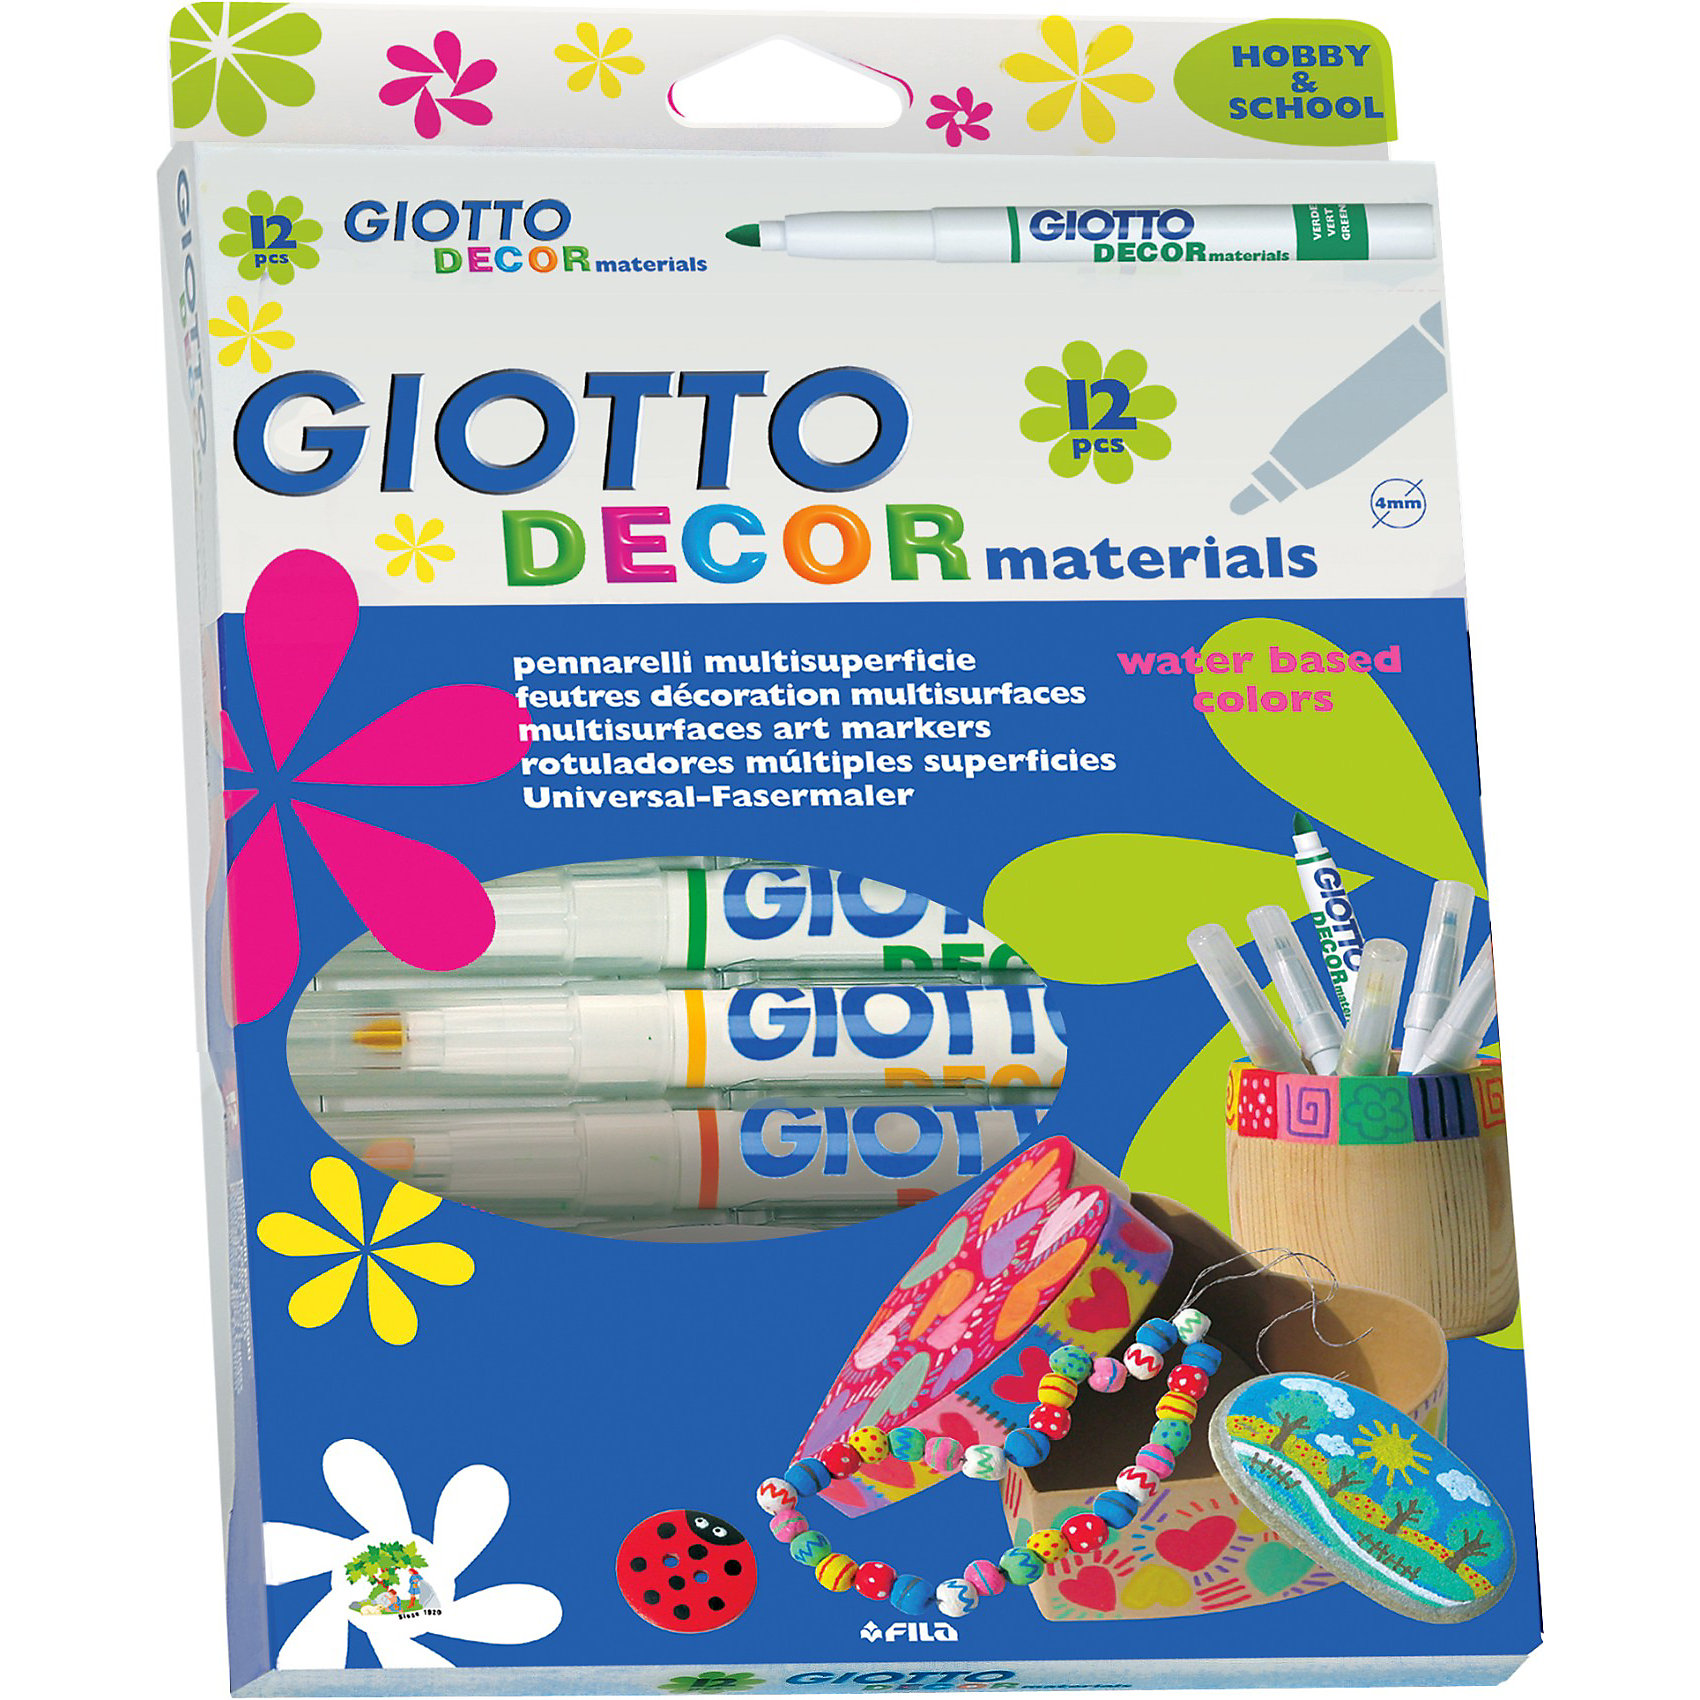 Фломастеры для декорирования, классические цвета, 12 шт.Письменные принадлежности<br>Фломастеры для декорирования, классические цвета, 12 шт.<br><br>Характеристики:<br><br>- в набор входит: 12 фломастеров<br>- состав: пластик, краска<br>- размер упаковки: 27 * 1,2 * 16 см.<br>- вес: 100 г.<br>- для детей в возрасте: от 6 до 14 лет<br>- страна производитель: Китай<br><br>Набор ярких фломастеров на водной основе от итальянского бренда канцелярских товаров для детей Giotto (Джиото) придет по вкусу как продвинутым художникам, так и начинающим. Серия декор вдохновляет своими картинками на упаковке на новые шедевры. Фломастеры не смываются и отлично ложатся на на бумагу, картон, дерево, камень, резину, пластик. При нанесении на гладкие поверхности, такие как стекло, зеркала, керамику могут смываться водой. Двенадцать стандартных цветов помогут выполнить любой шедевр! Кроме рисования, фломастеры отлично подойдут для графического оформления. Пластиковый корпус фломастеров с вентилируемым колпачком удобно ложится в руку. Рисуя фломастерами дети развивают творческие способности, аккуратность, моторику рук, усидчивость, восприятие цвета и выражают свой внутренний мир в рисунках.<br> <br>Фломастеры для декорирования, классические цвета, 12 шт. можно купить в нашем интернет-магазине.<br><br>Ширина мм: 260<br>Глубина мм: 190<br>Высота мм: 25<br>Вес г: 218<br>Возраст от месяцев: -2147483648<br>Возраст до месяцев: 2147483647<br>Пол: Унисекс<br>Возраст: Детский<br>SKU: 3411236